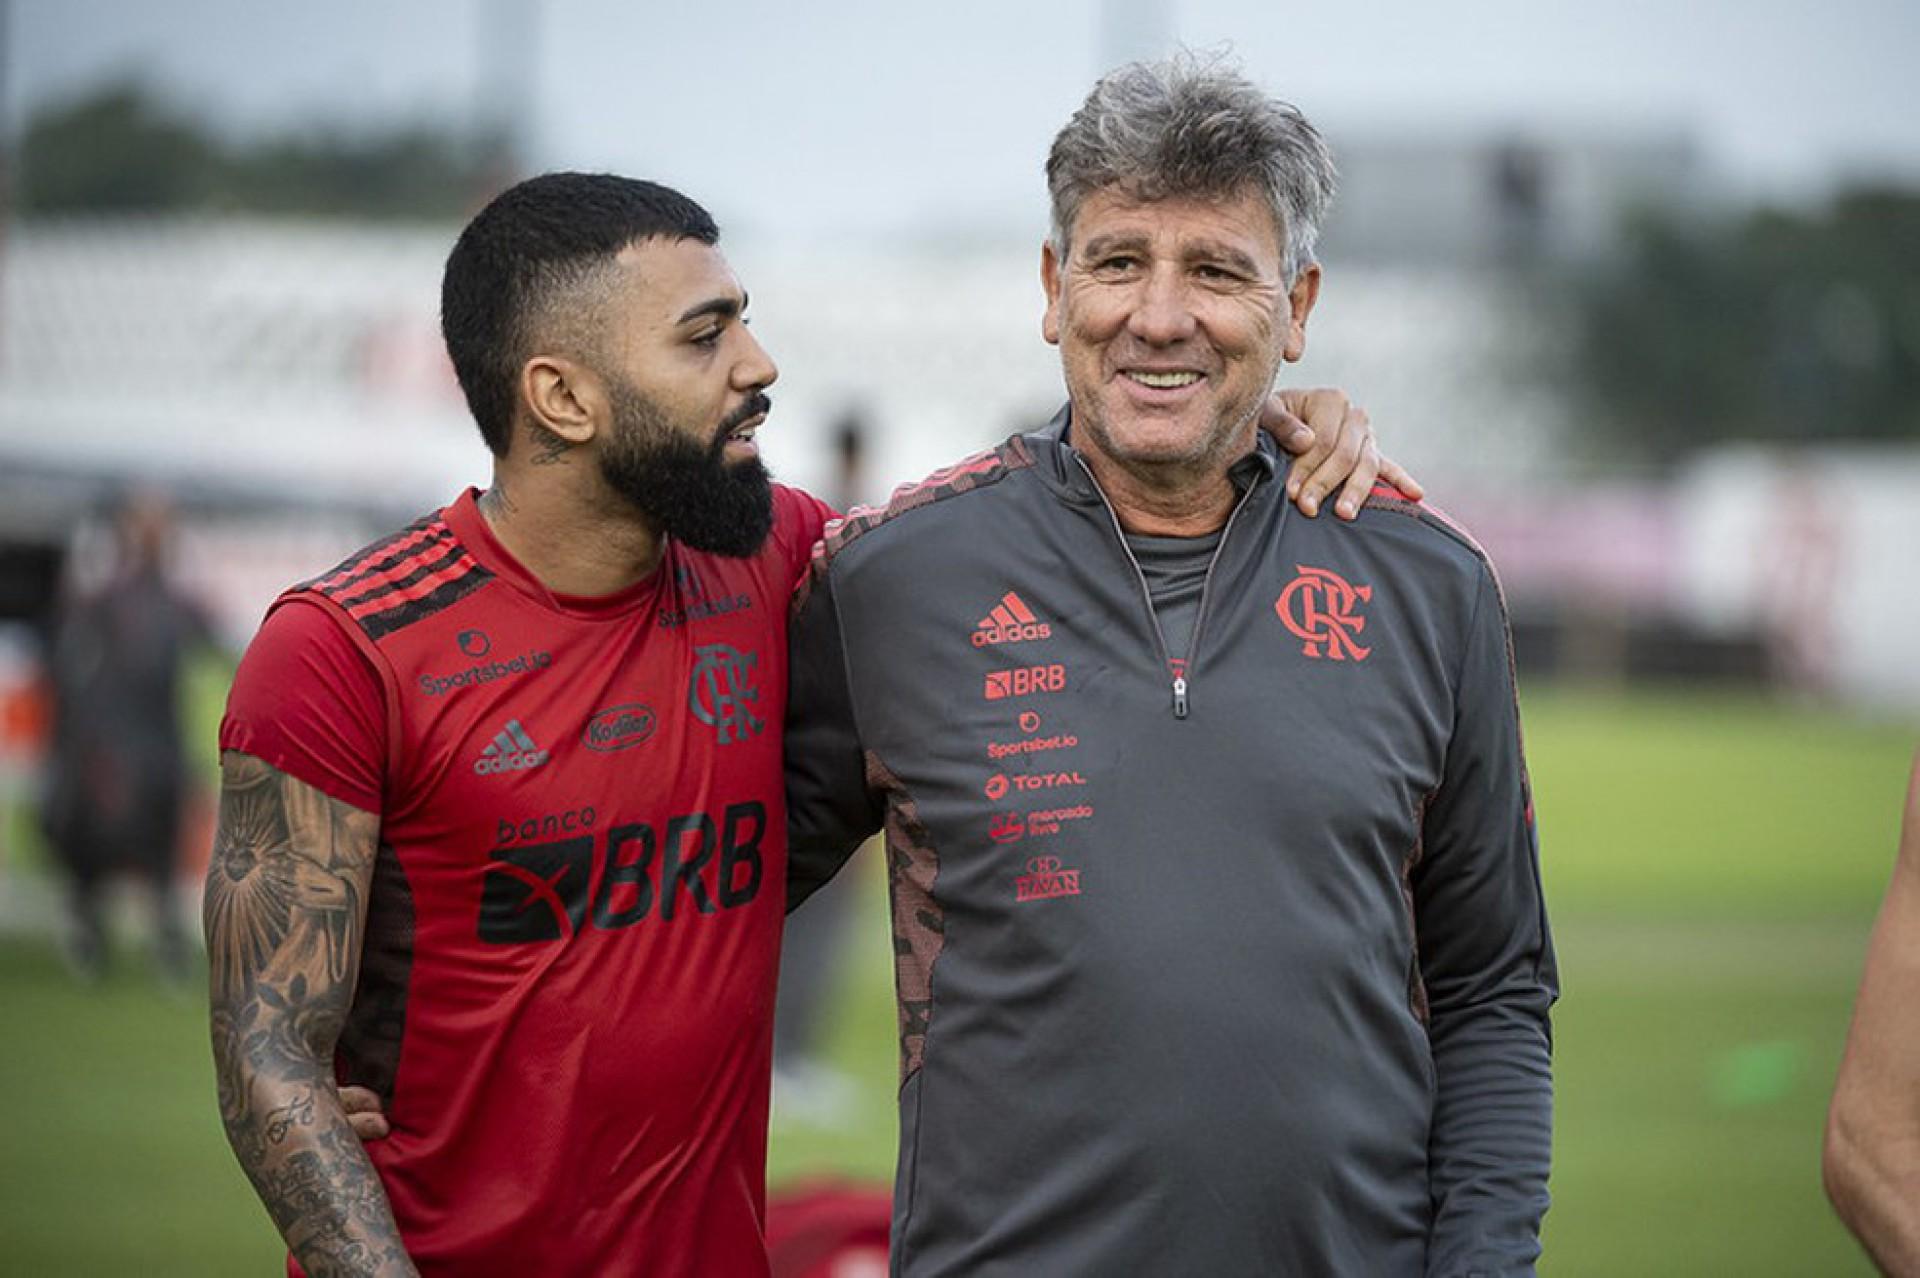 Apresentadora promete beijar os pés de comentarista caso o Palmeiras goleie o Flamengo